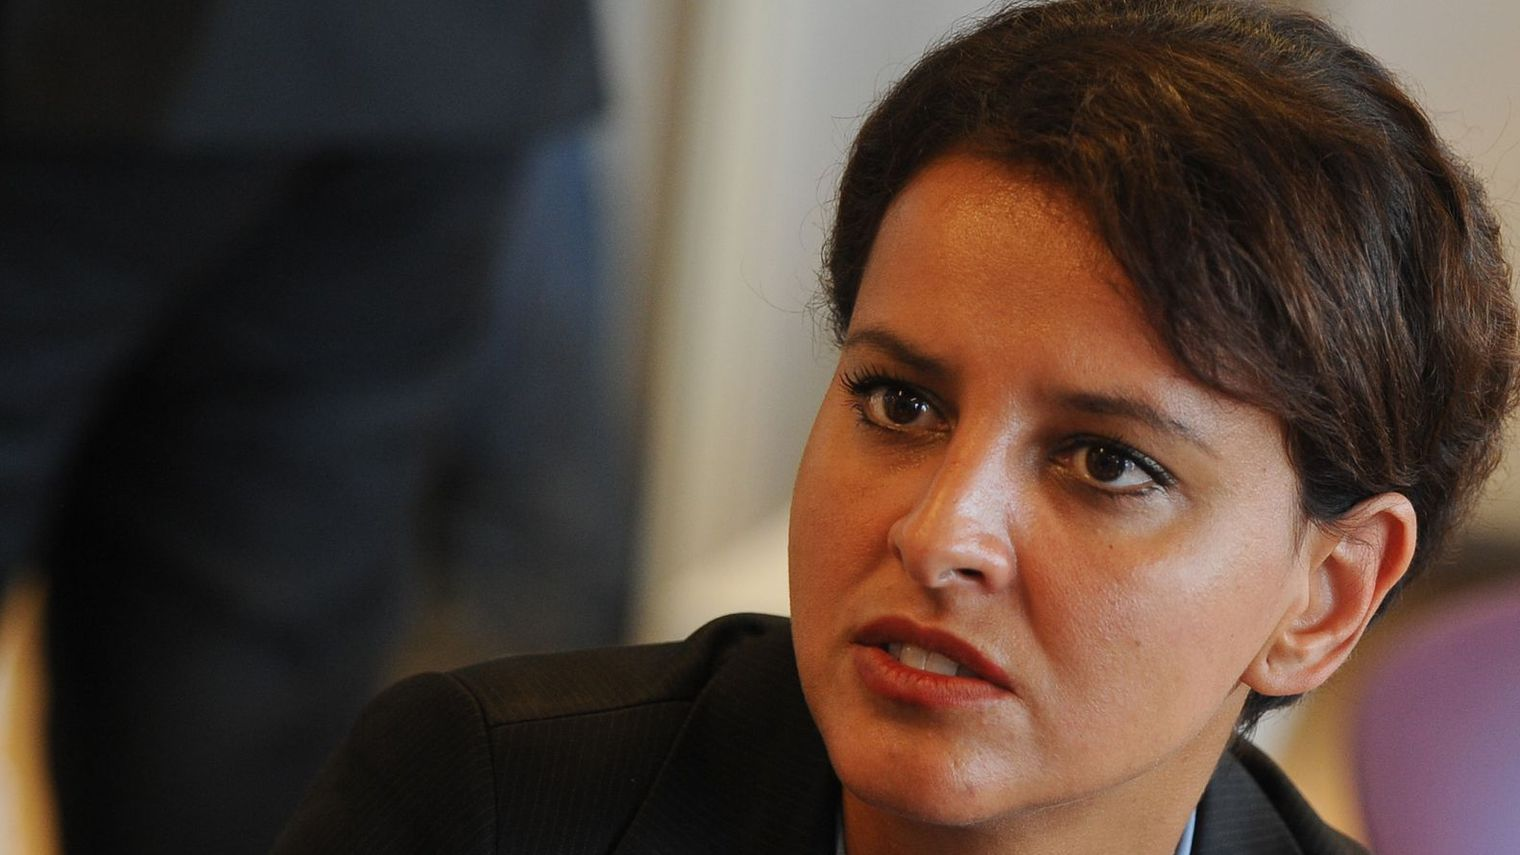 Belkacem n'ose pas condamner les amis de l'Etat Islamique, elle préfère s'attaquer à Marine Le pen